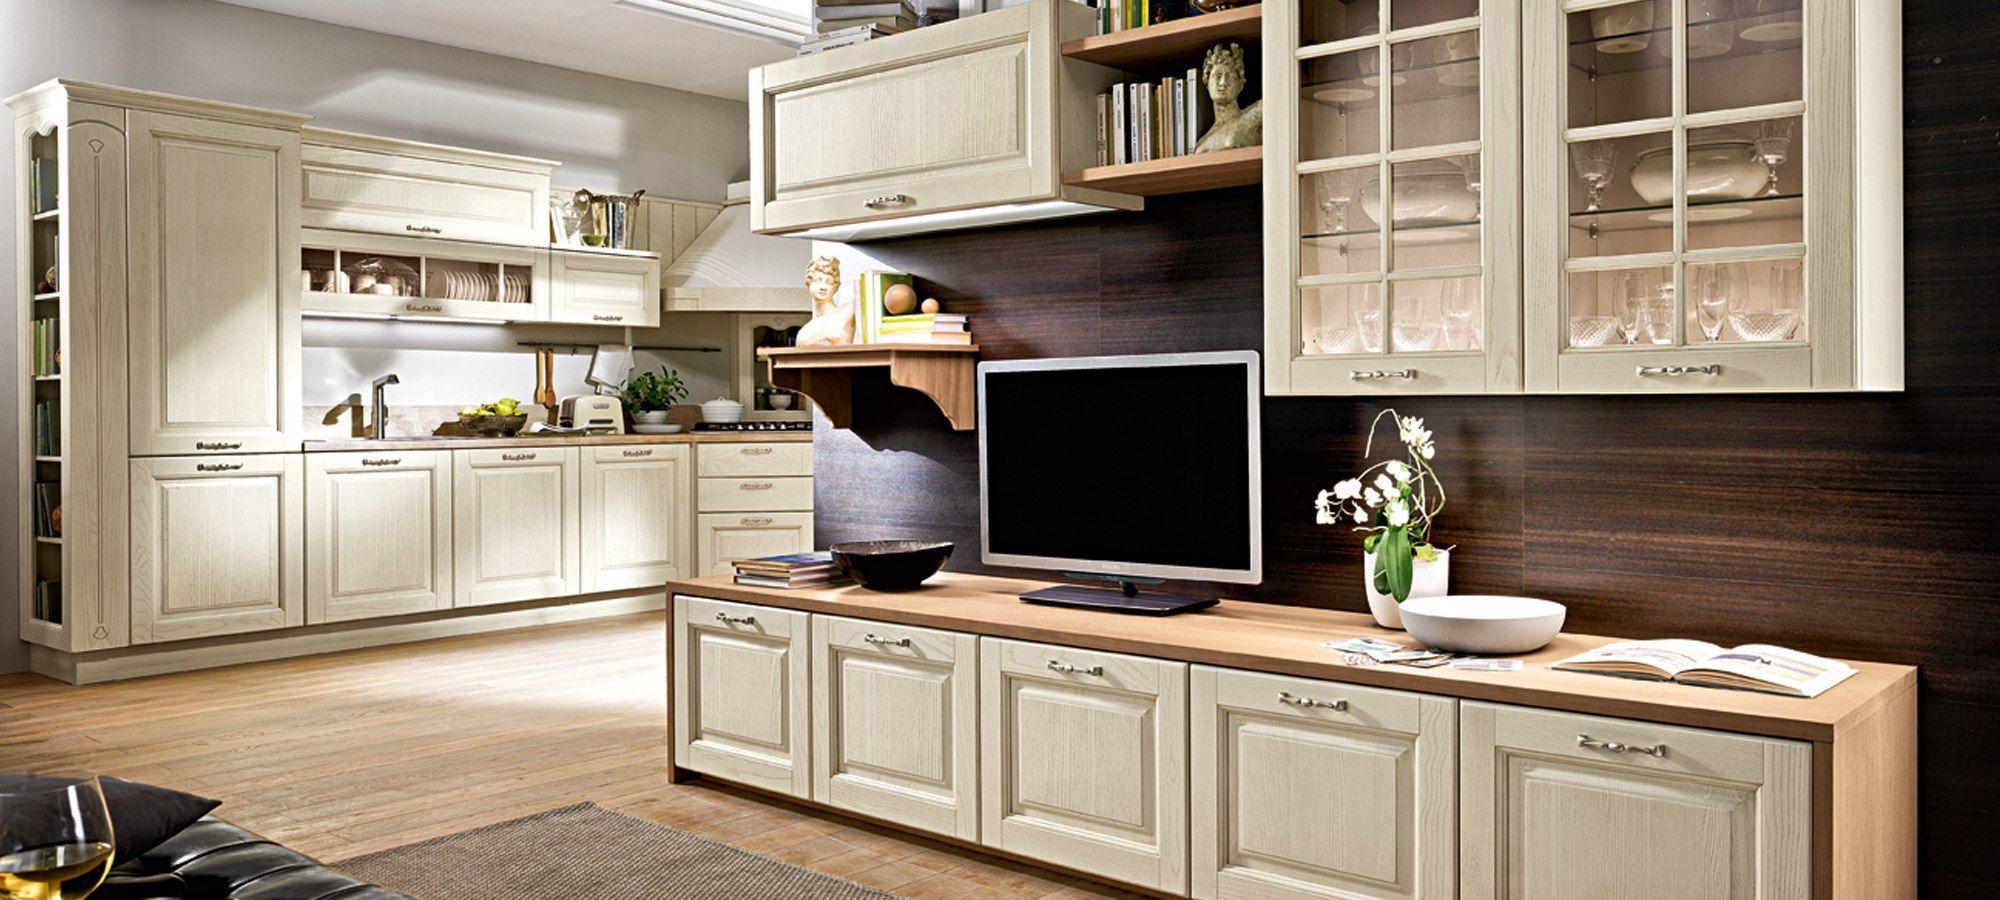 cucine classiche stosa - modello cucina bolgheri 03 | kitchen ...